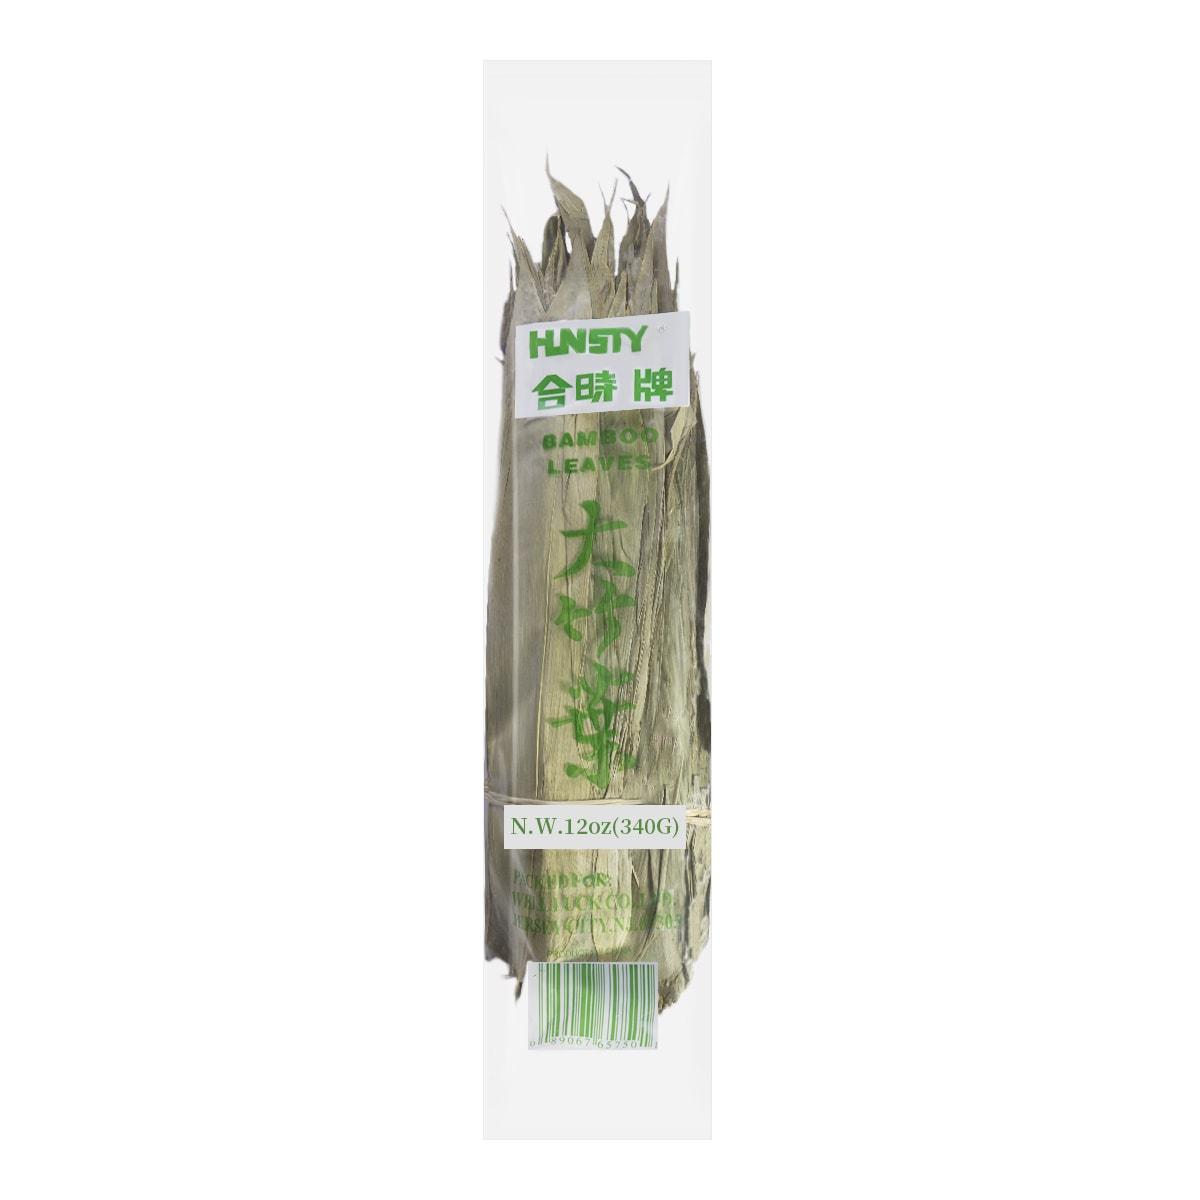 合时牌 野生鲜粽大竹叶 340g